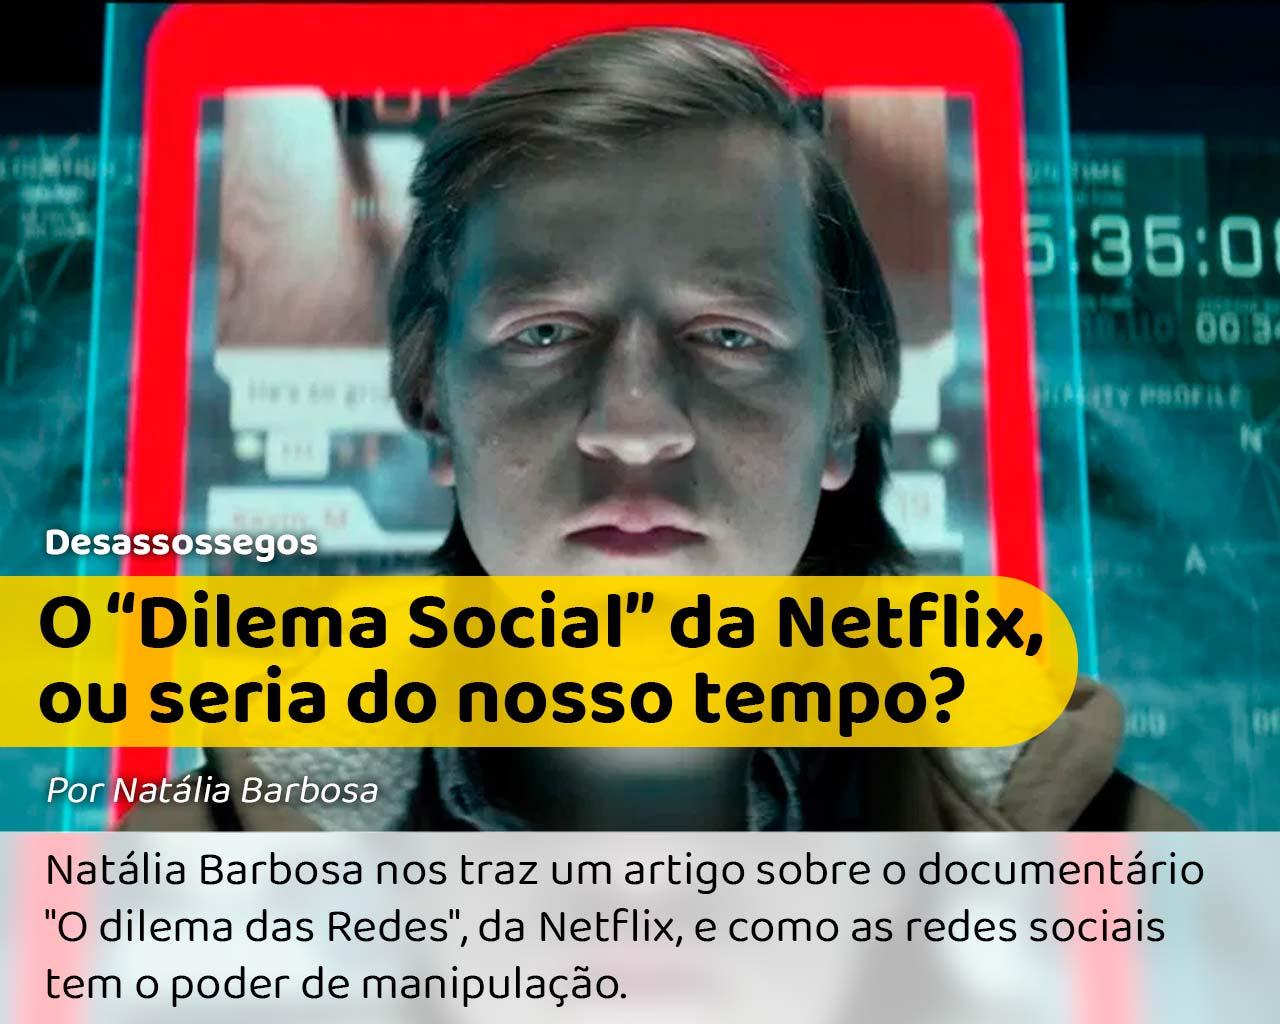 Foto do documentário O dilema Social da Netflix que fala sobre o impacto das redes sociais em nossas vidas (foto: reprodução)